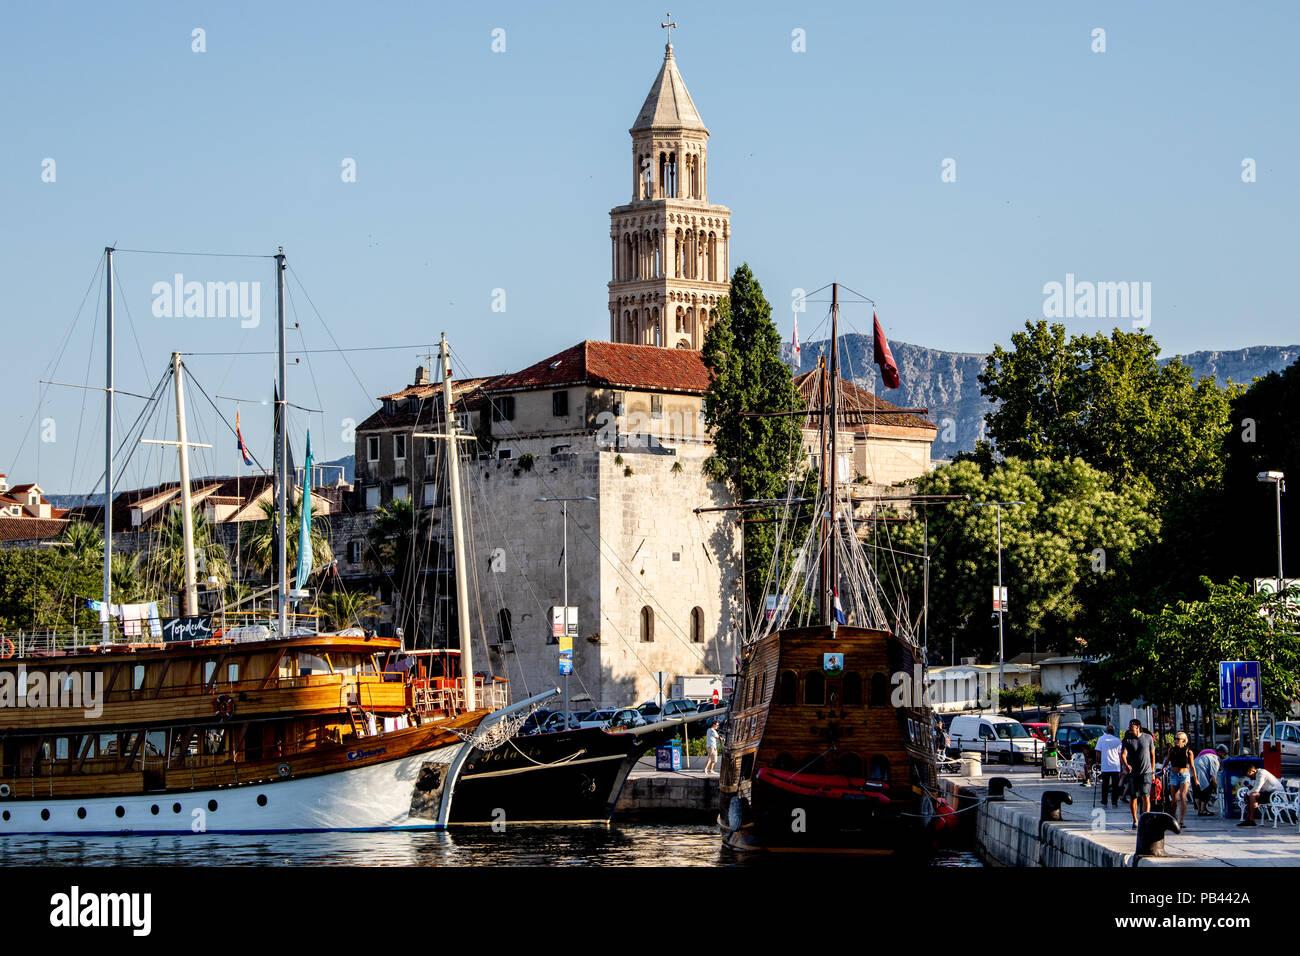 Old Split, the Historic Center of Split, Croatia - Stock Image